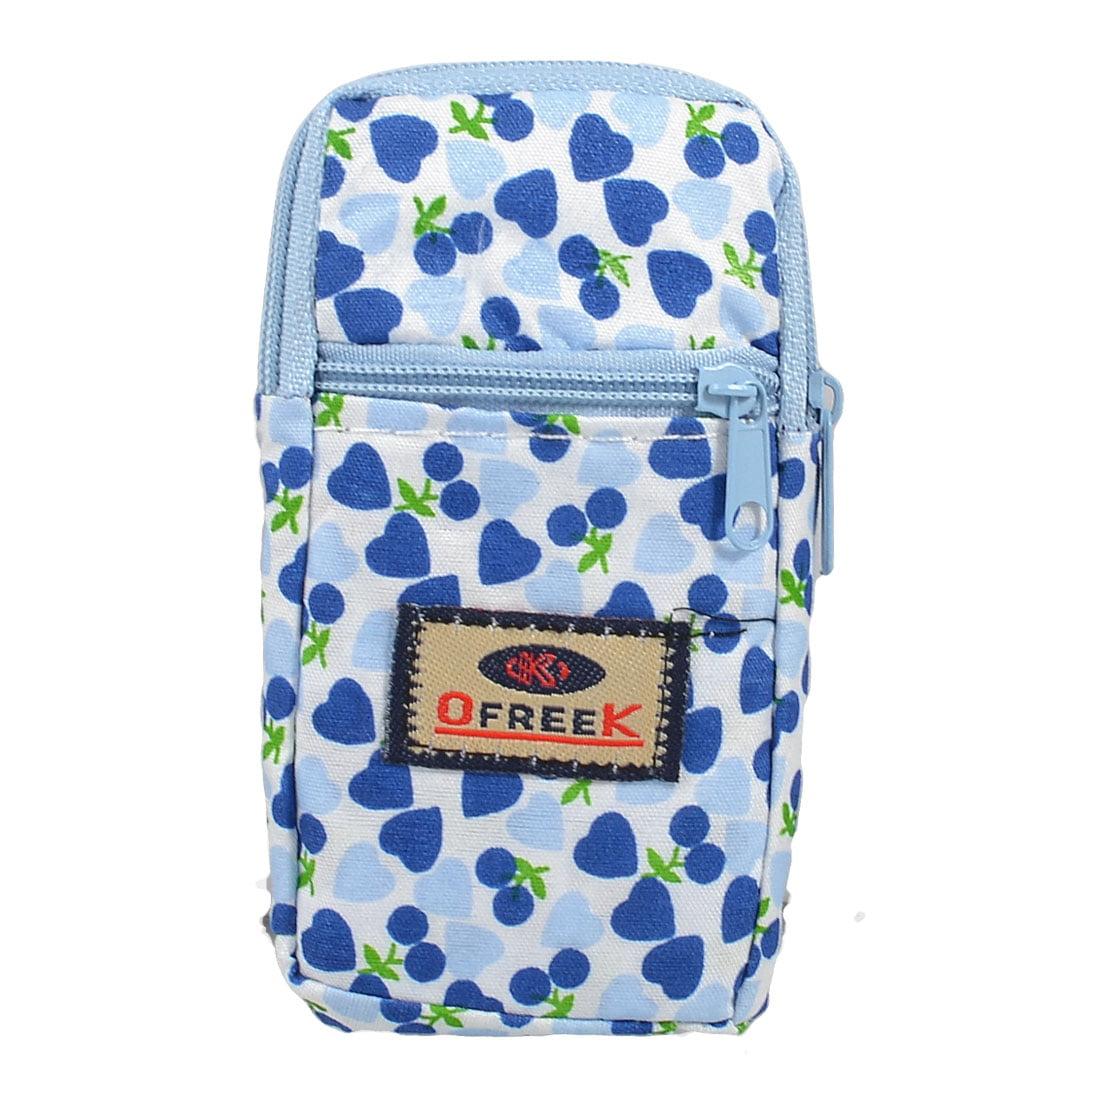 Unique Bargains Unique Bargains Blue Cherry Print 2-compartment Zip up Mp3 Cell Phone Pouch Wrist Bag